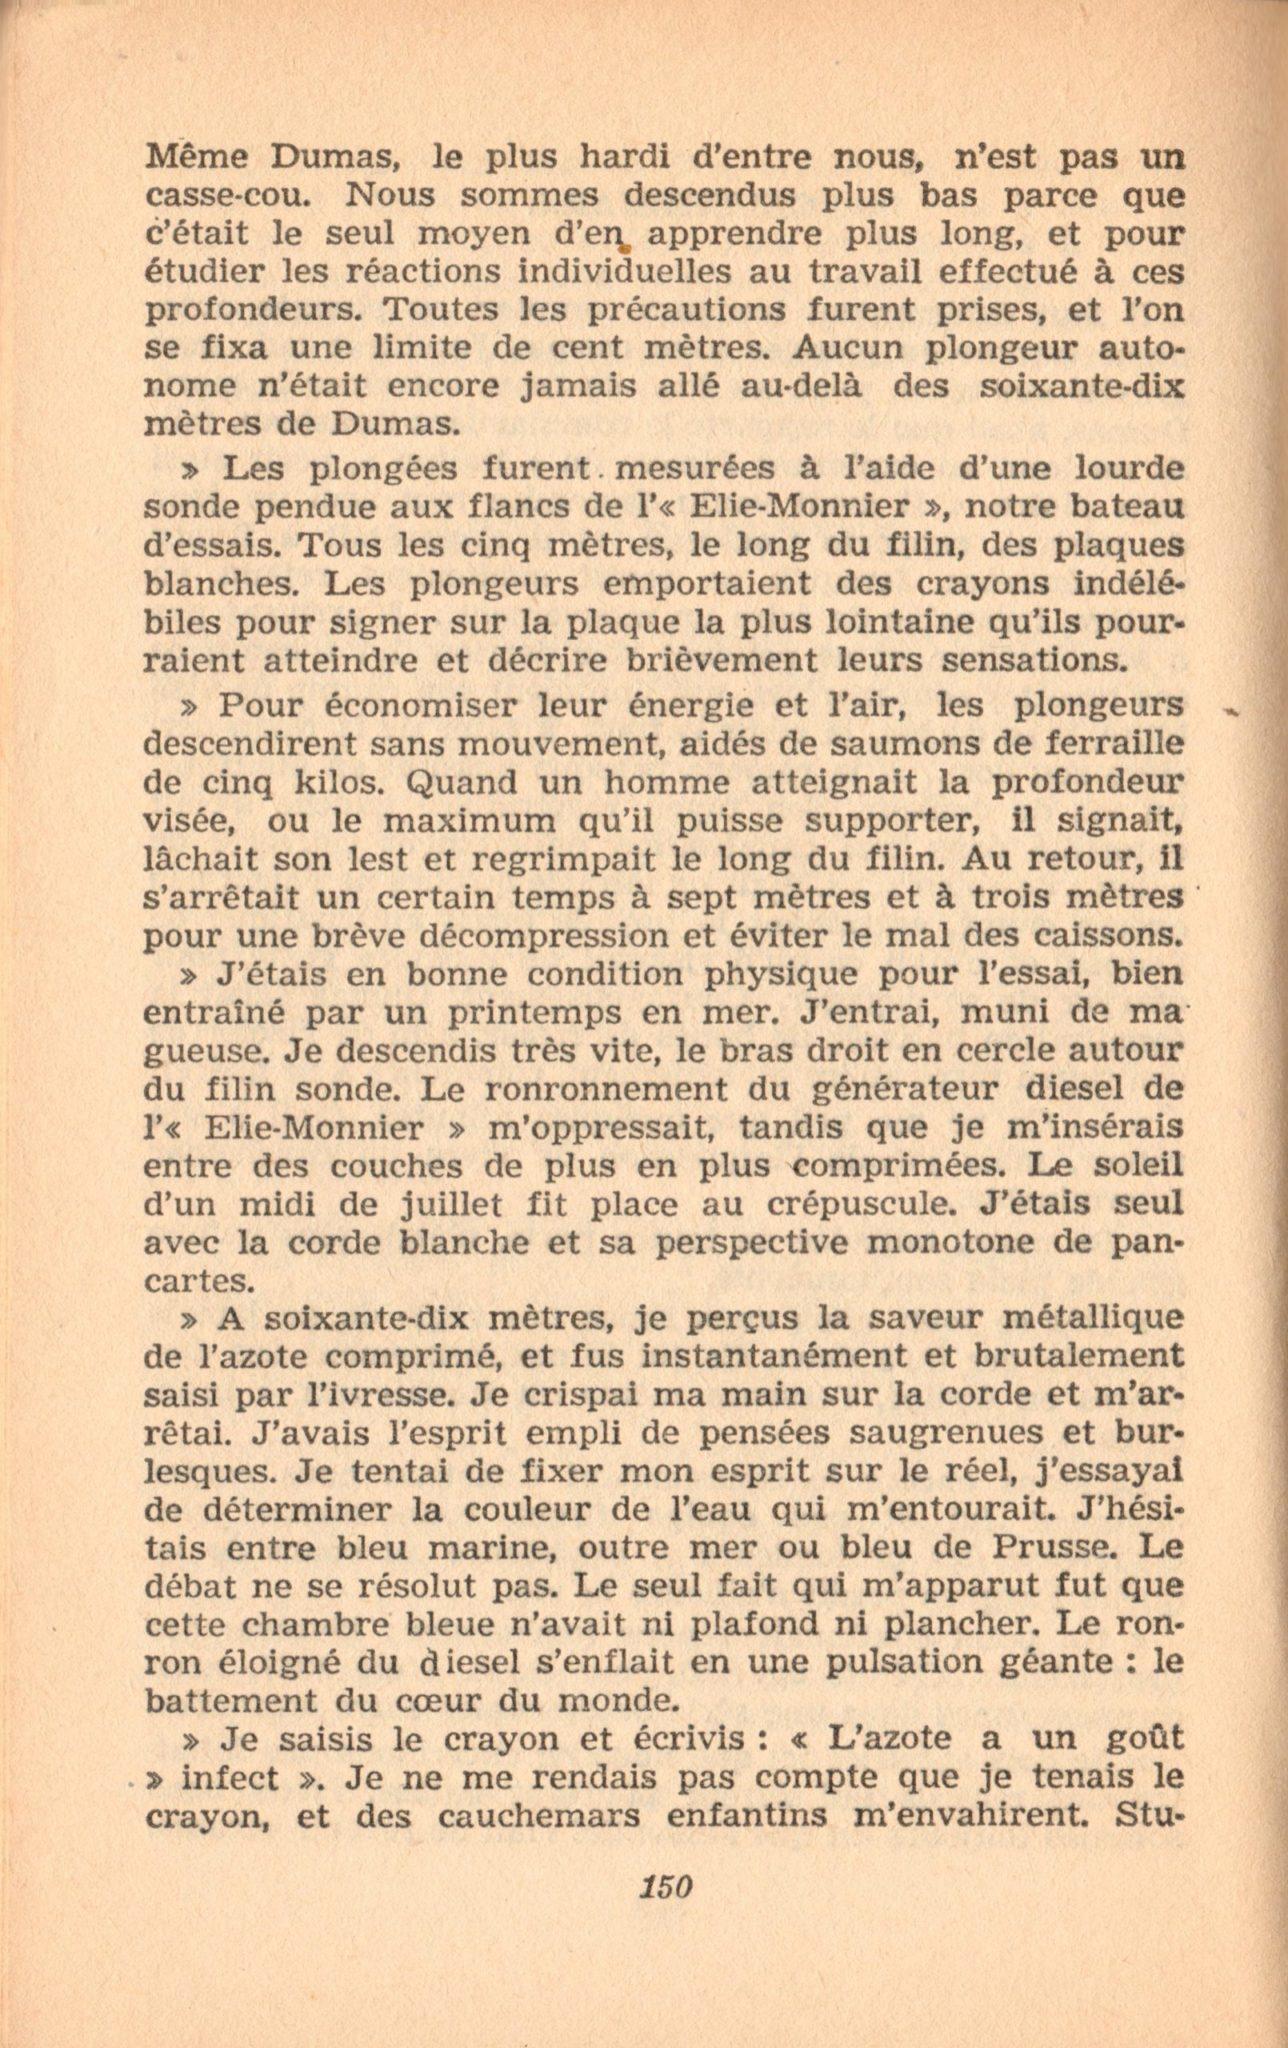 p150, La conquête des fonds sous-marins, marabout chercheur